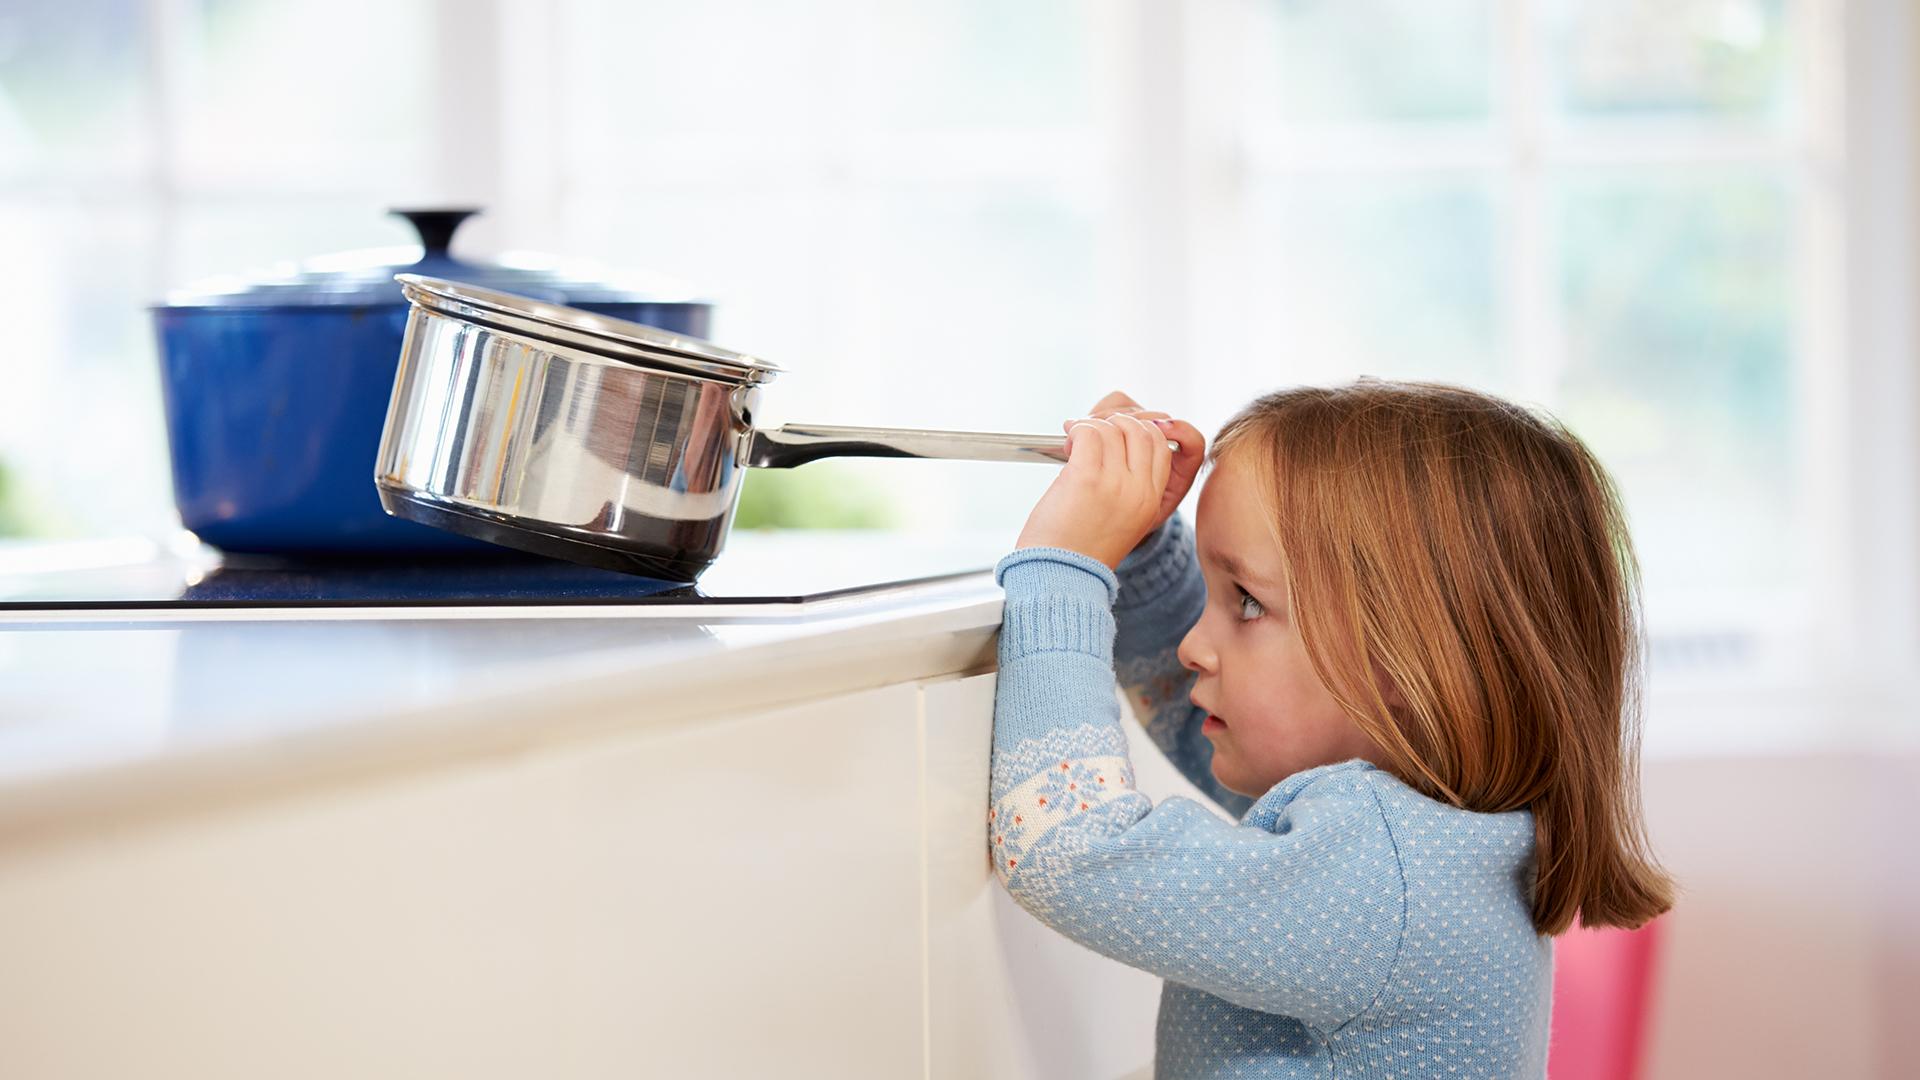 Los accidentes domésticos se dan en la primer infancia, cuando los niños se sienten curiosos por todo (Getty Images)